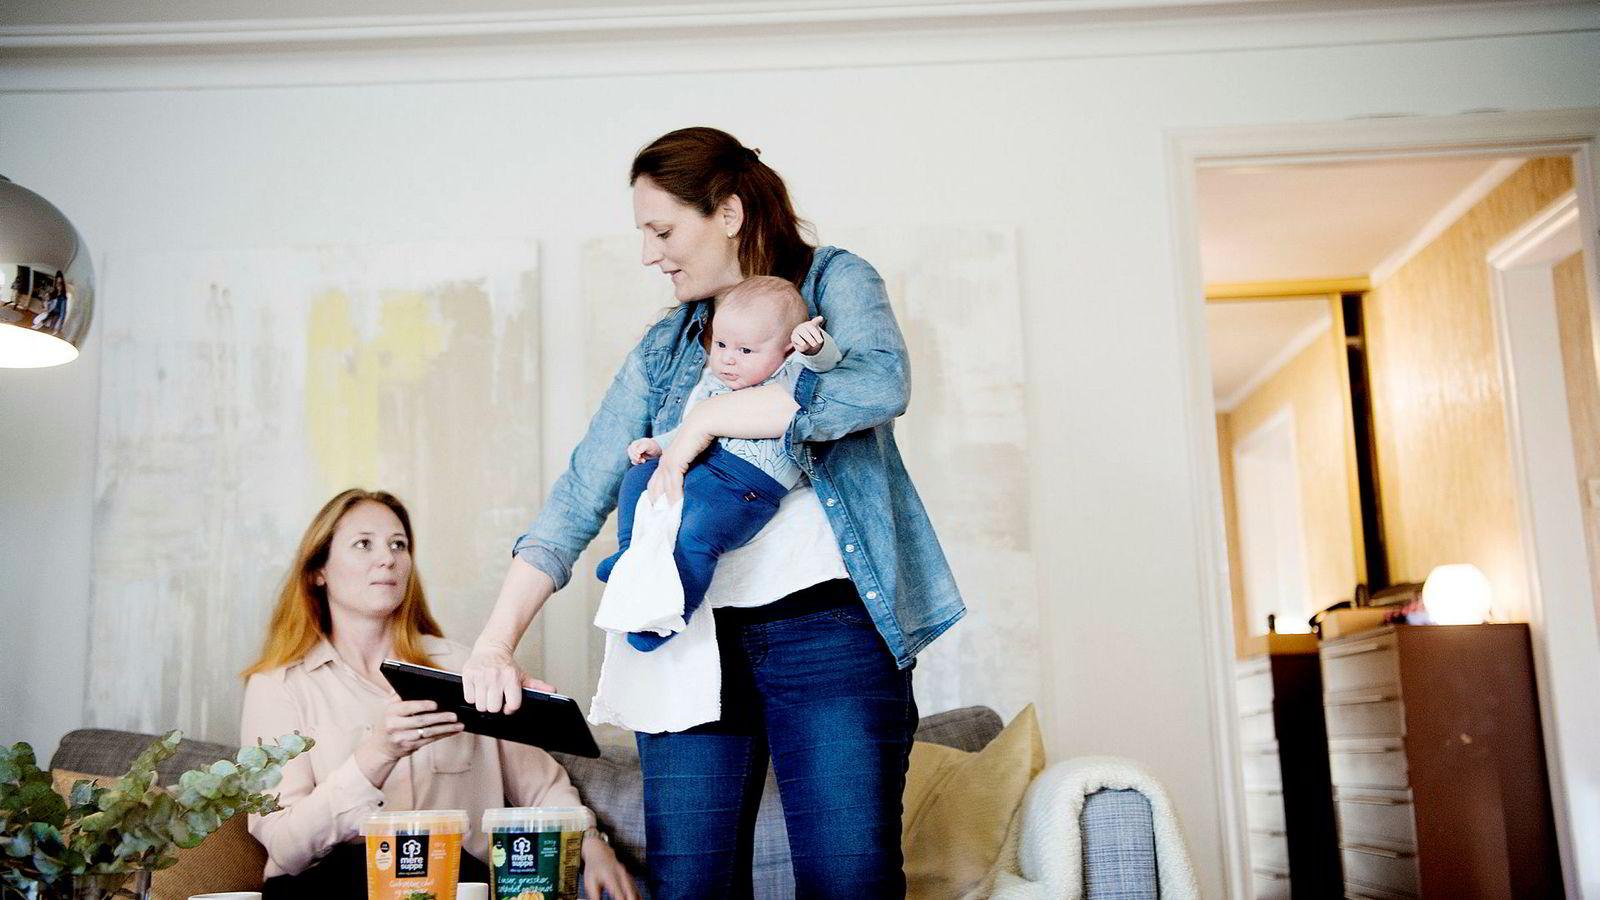 Jannike Isachsen med sin nybakte sønn Jonas gir søsteren Elisabeth I. Rye-Florentz pc-en som viser at Mere Mat vil få en vekst på over 3000 prosent siden 2010.